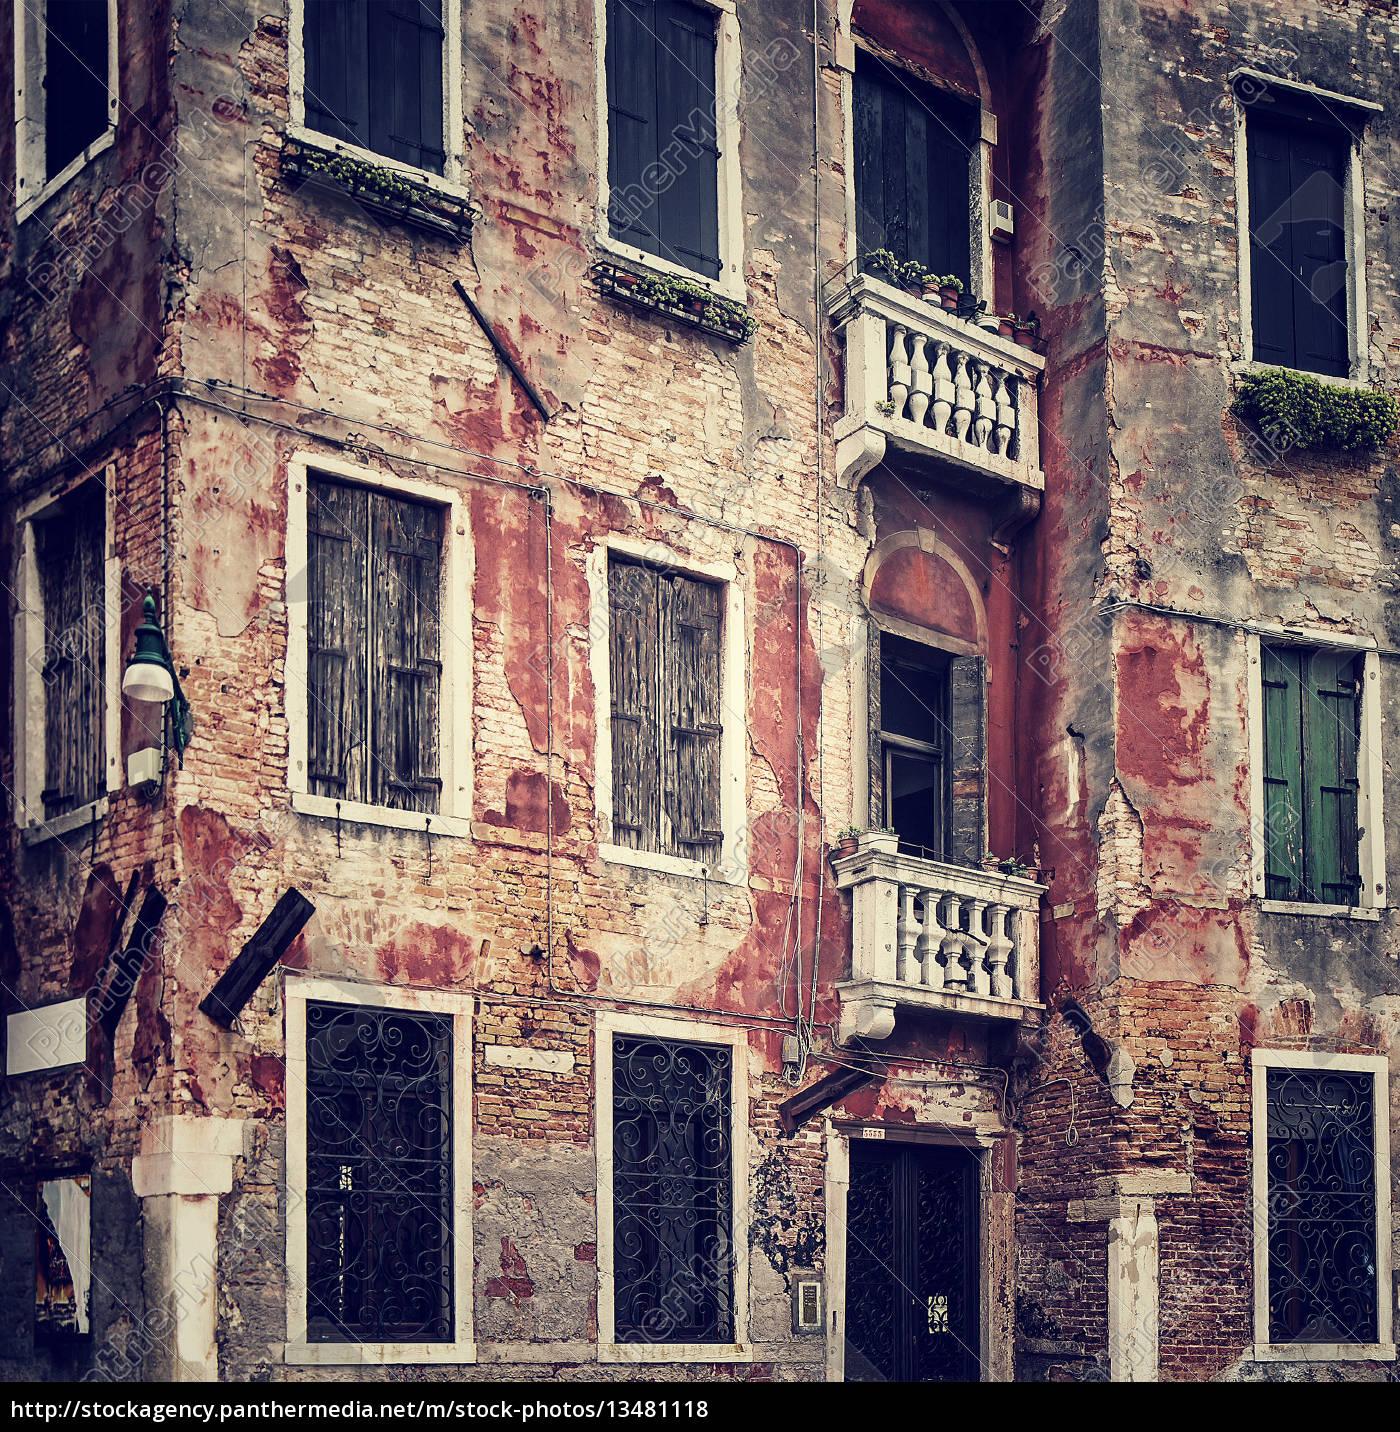 zusammenfassung, grunge, alten, mauer, hintergrund - 13481118